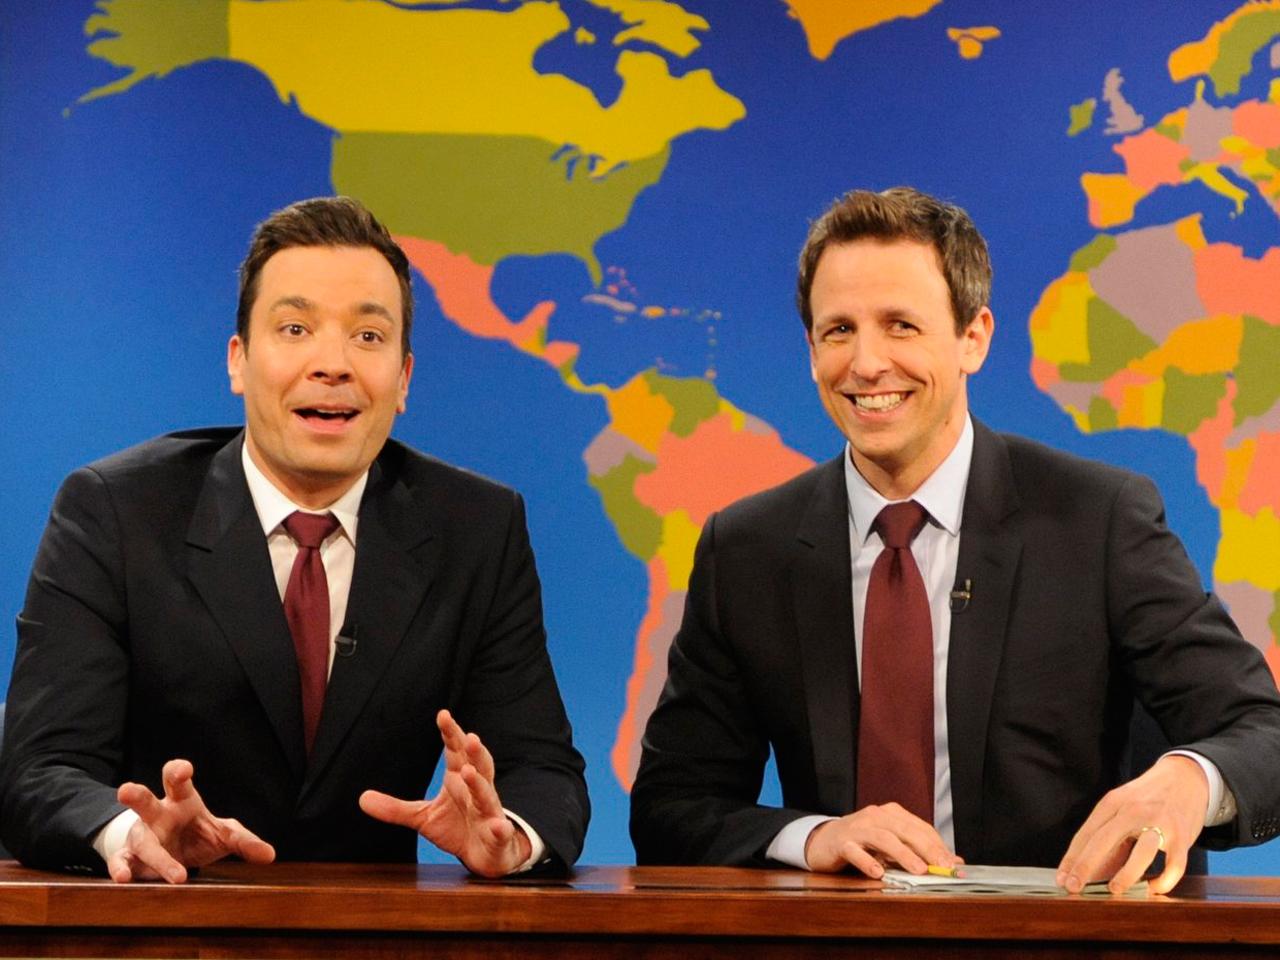 Image: Jimmy Fallon and Seth Meyers